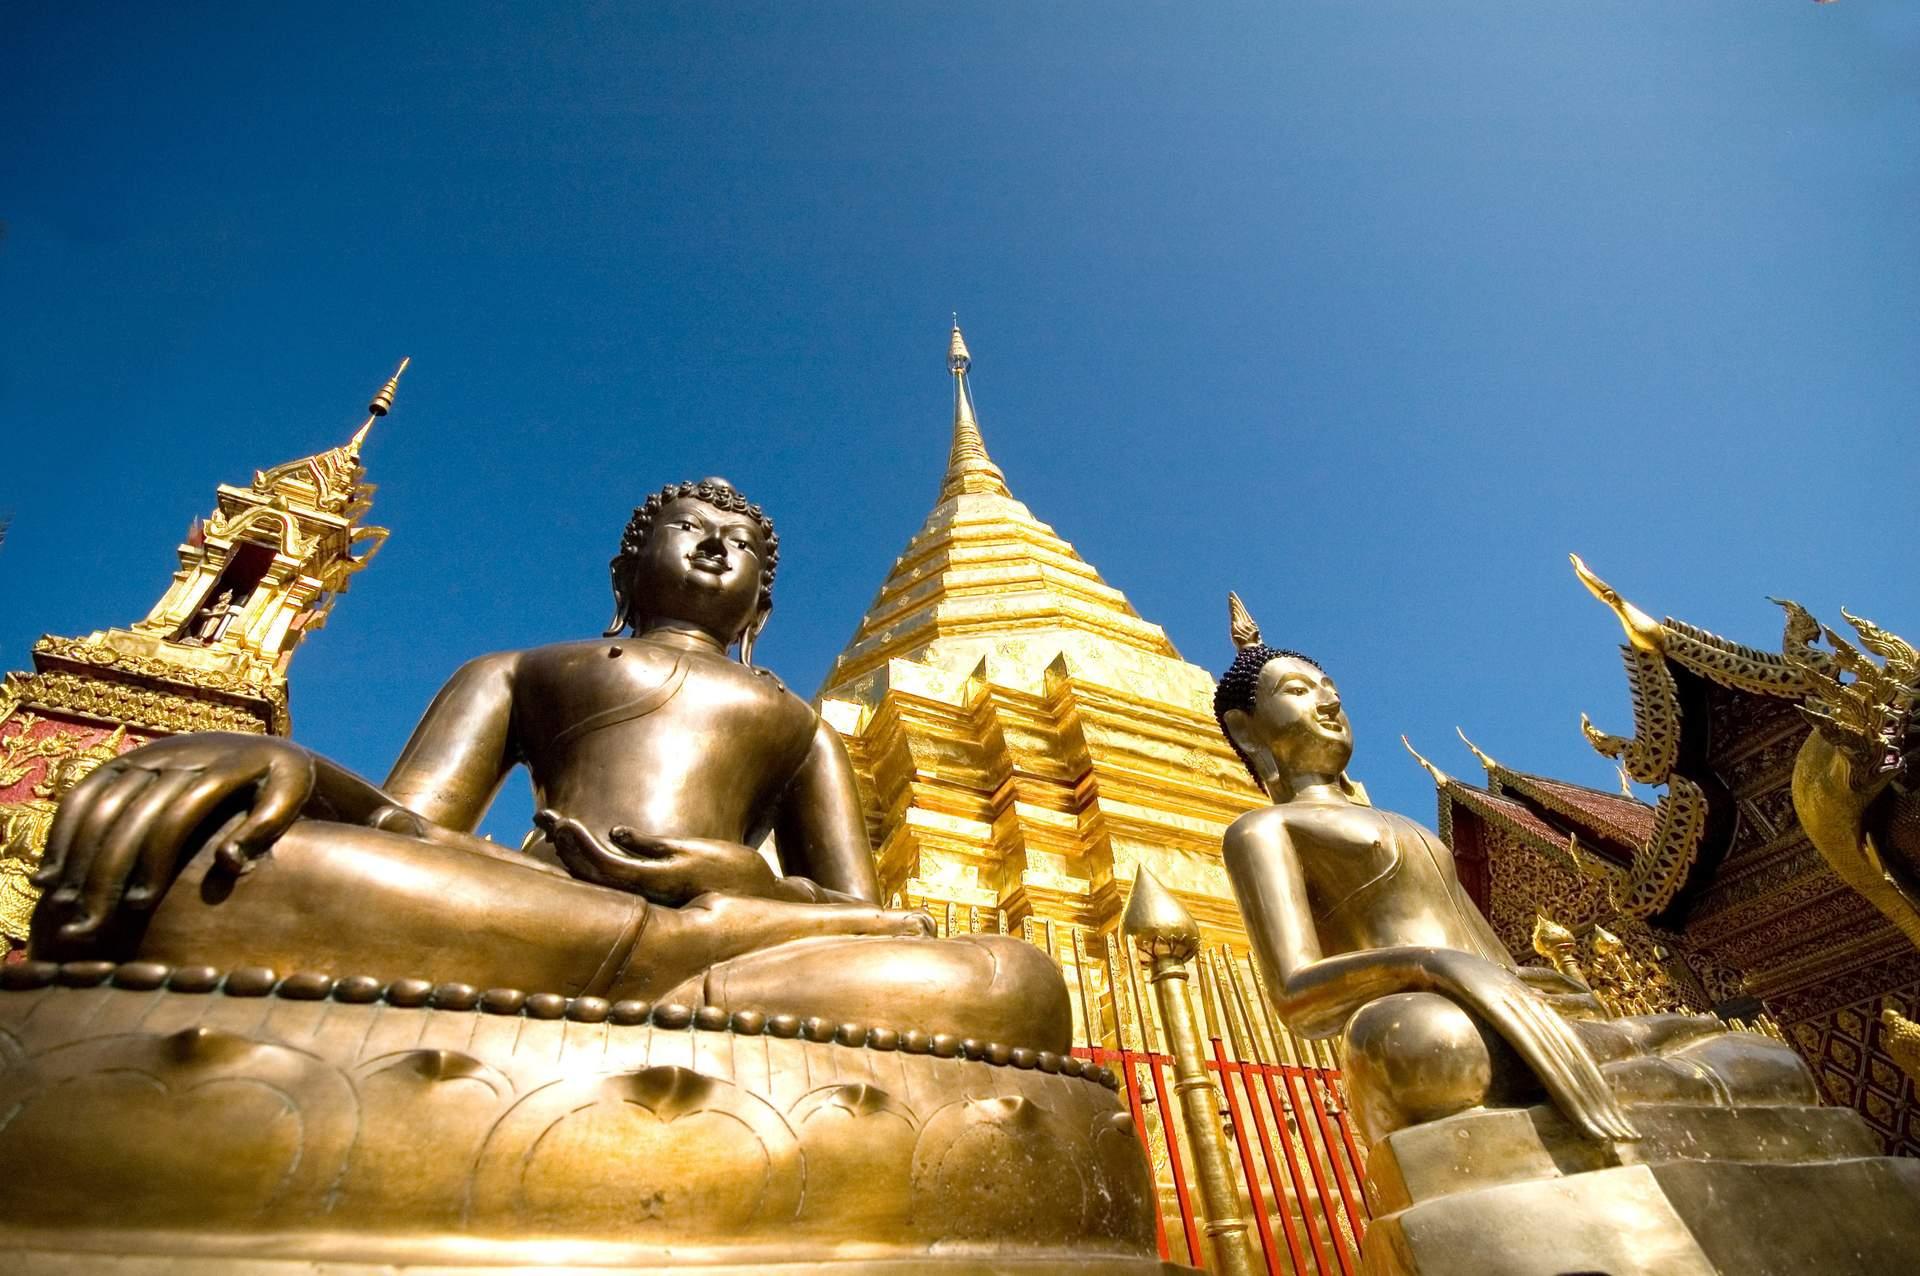 Thailand: Chang Mai